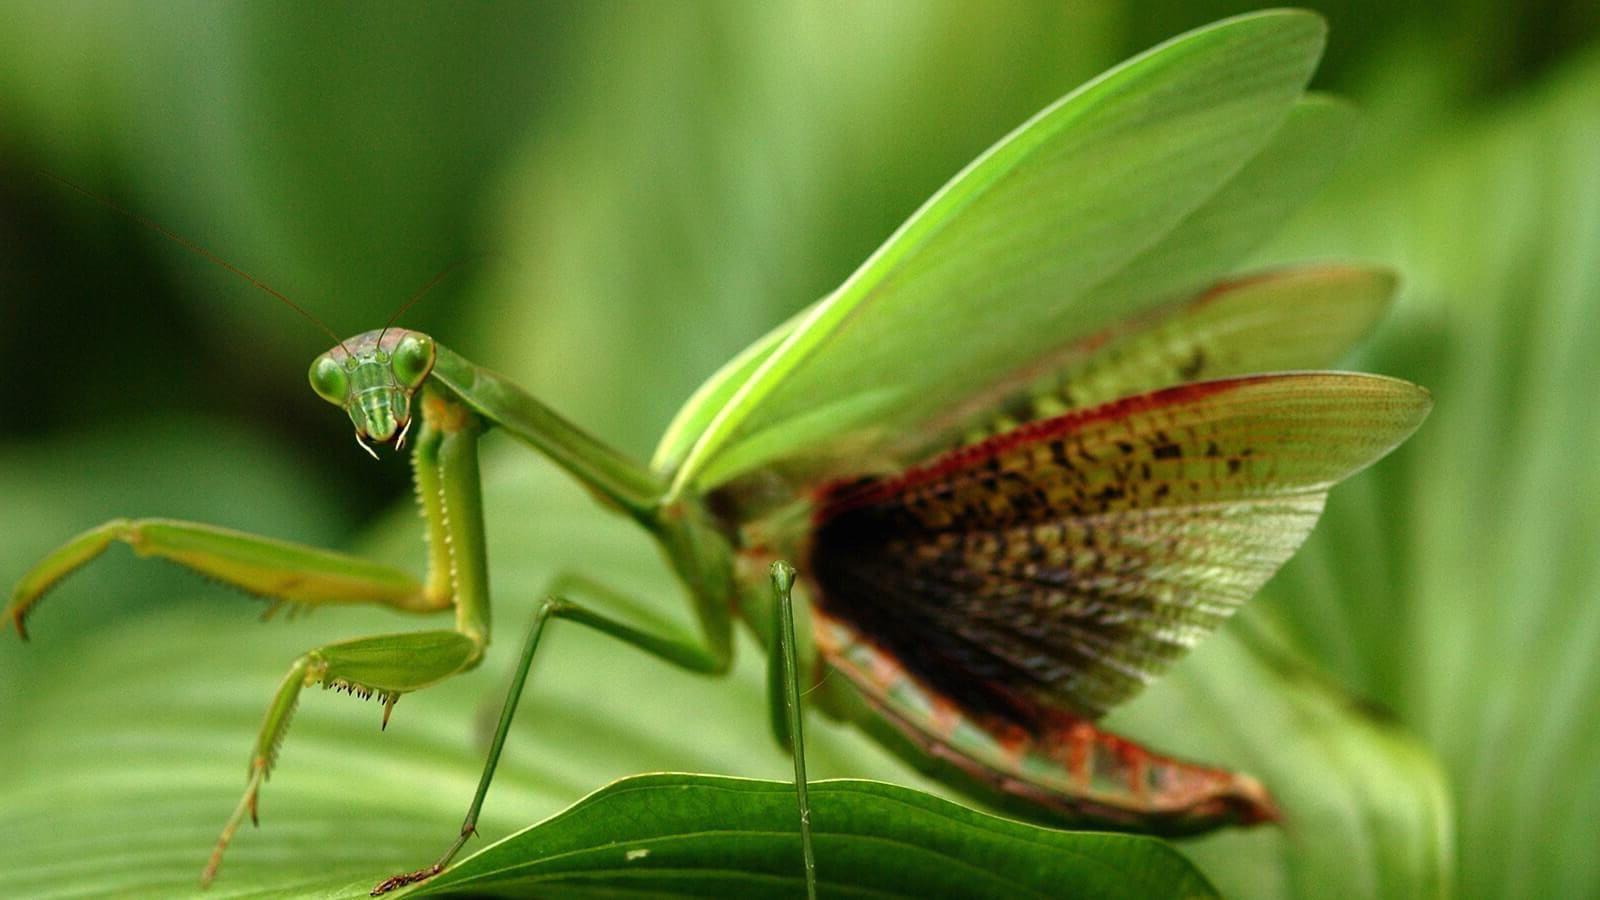 las alas de la mantis religiosa